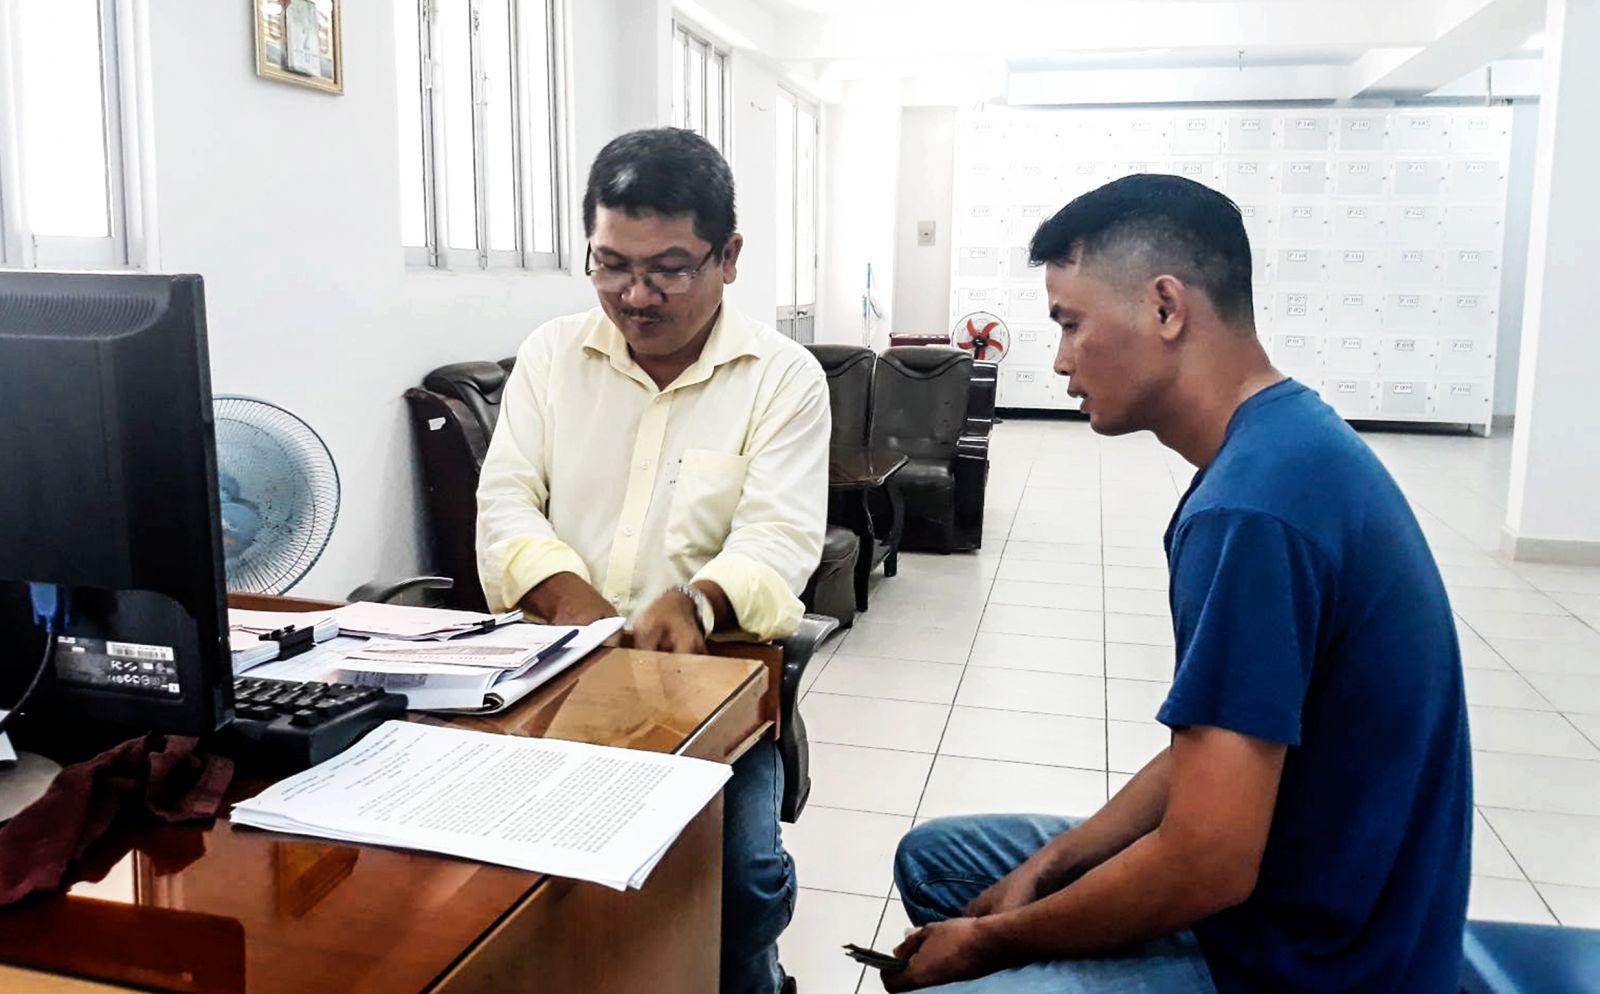 Tổ quản lý Chung cư Hưng Phú tư vấn, phổ biến các thông tin cần thiết cho người dân sống tại chung cư. Ảnh: MINH HUYỀN